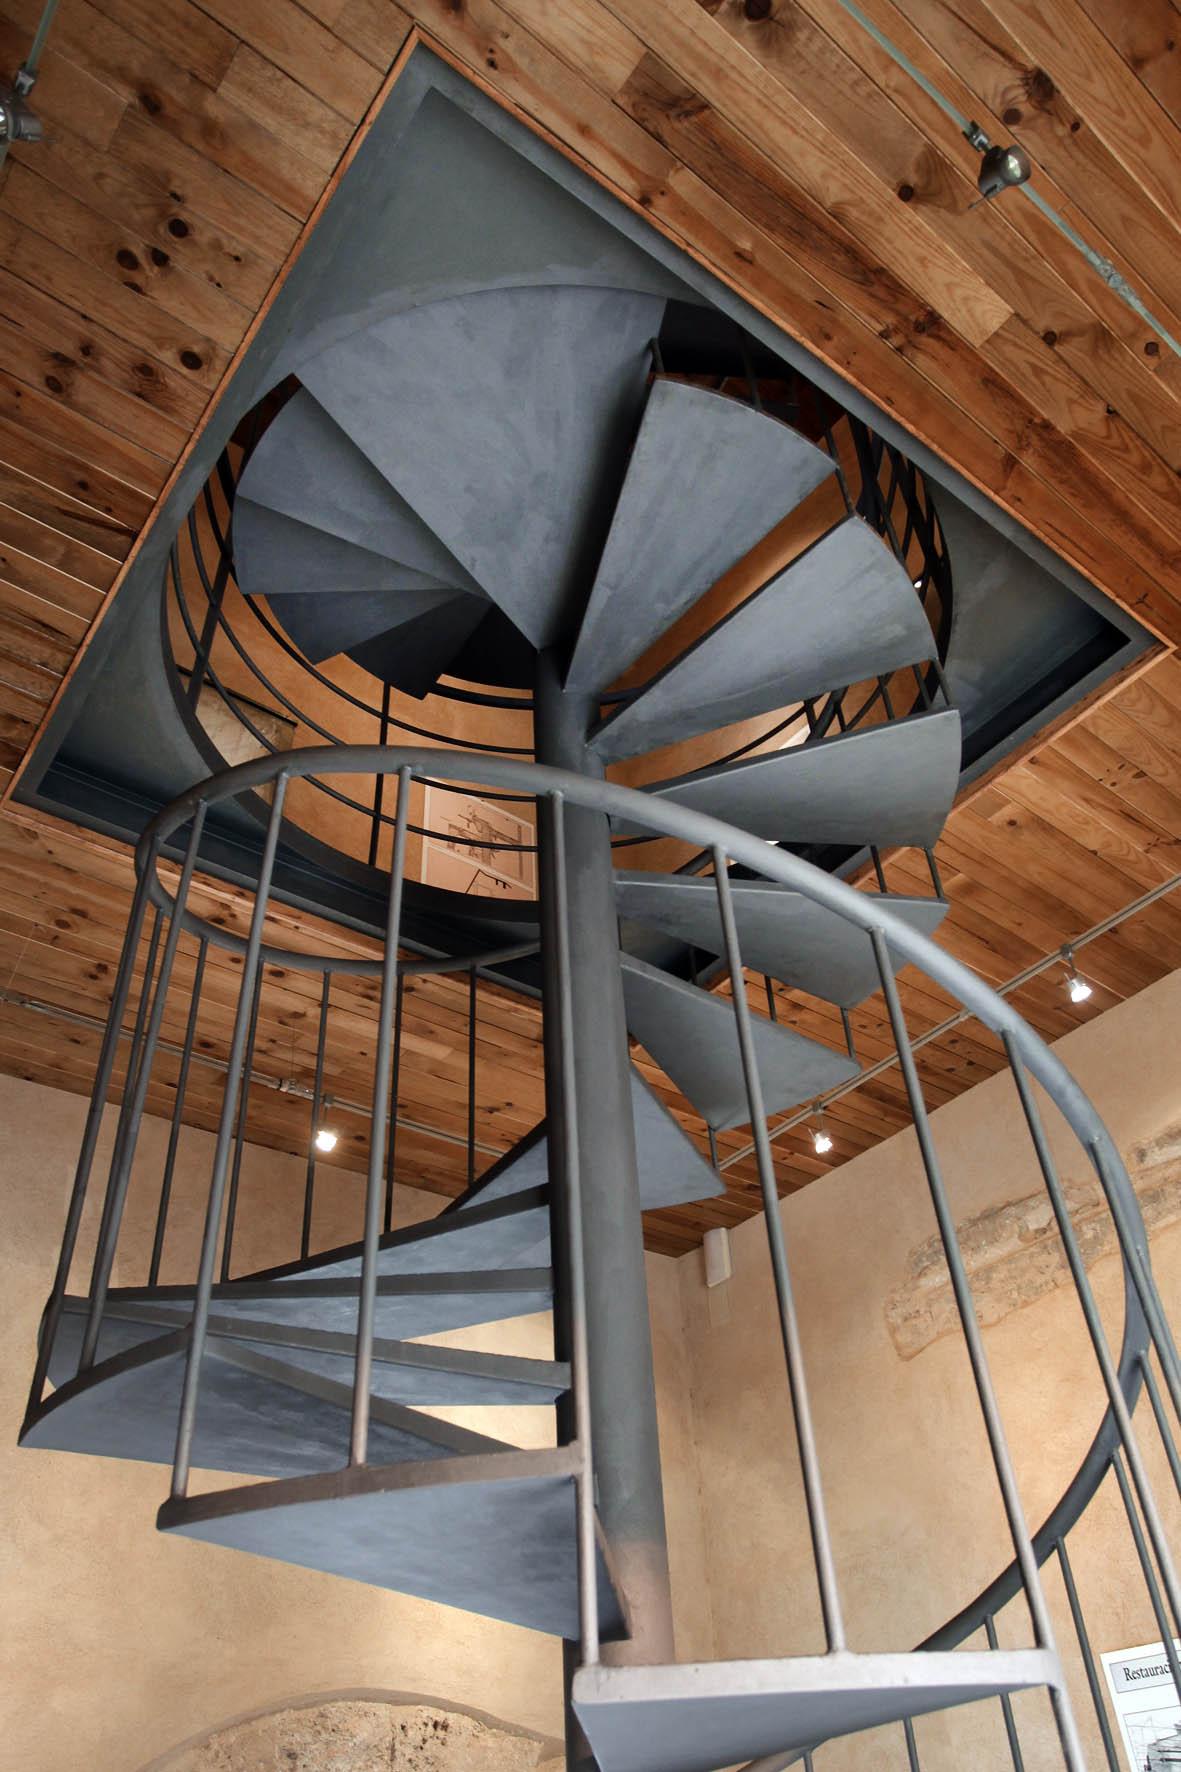 Escalera de caracol el blog de fotoandeco - Escalera de caracol prefabricada ...